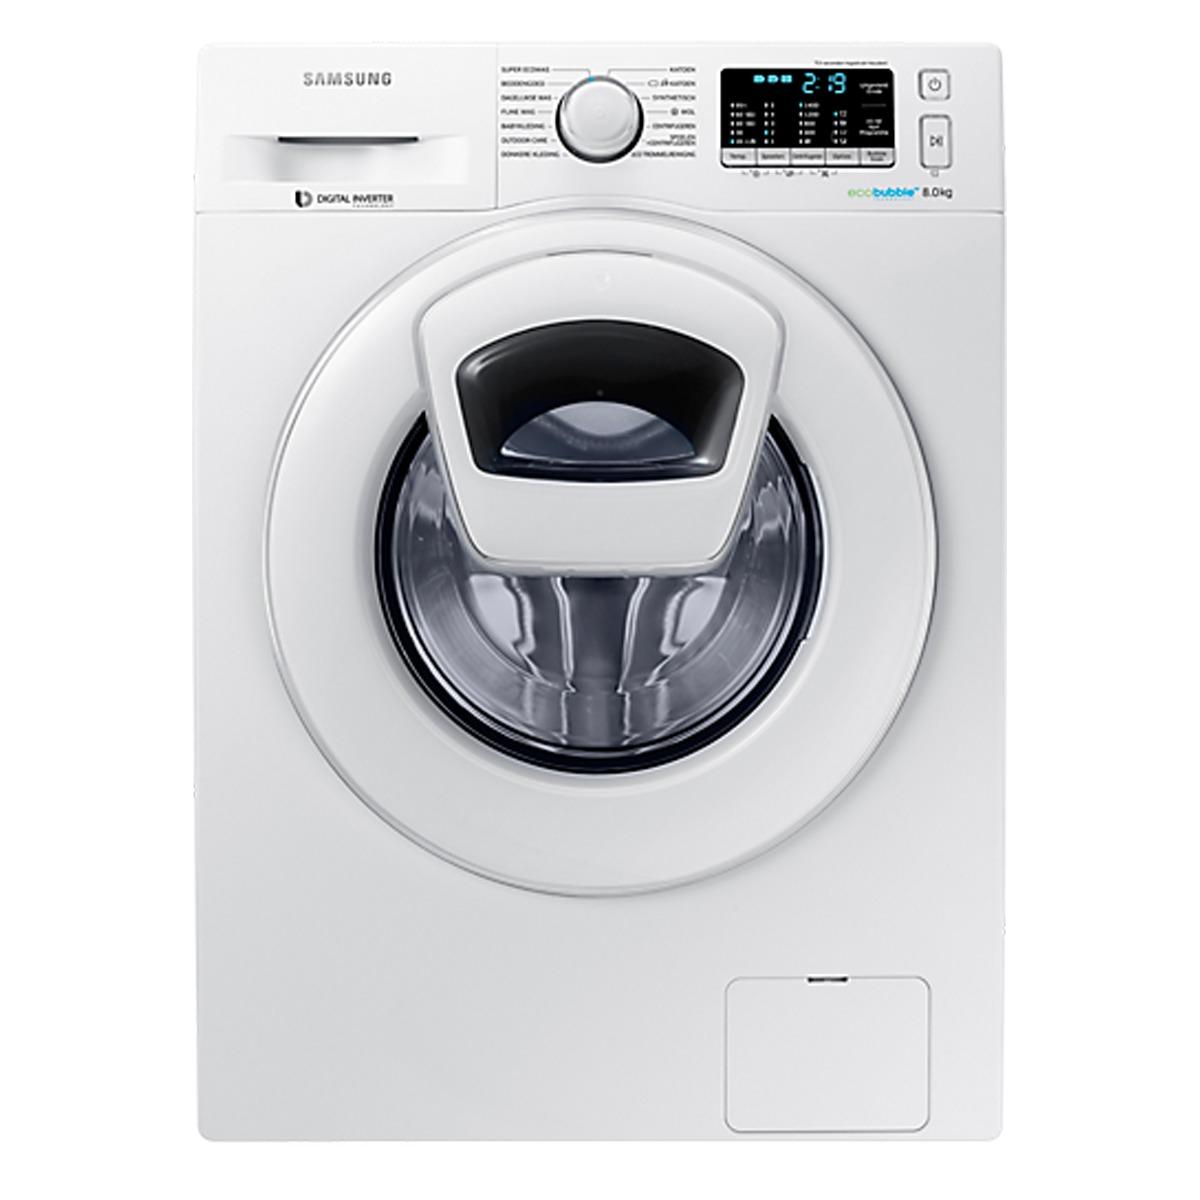 Samsung WW80K5400WW wasmachine